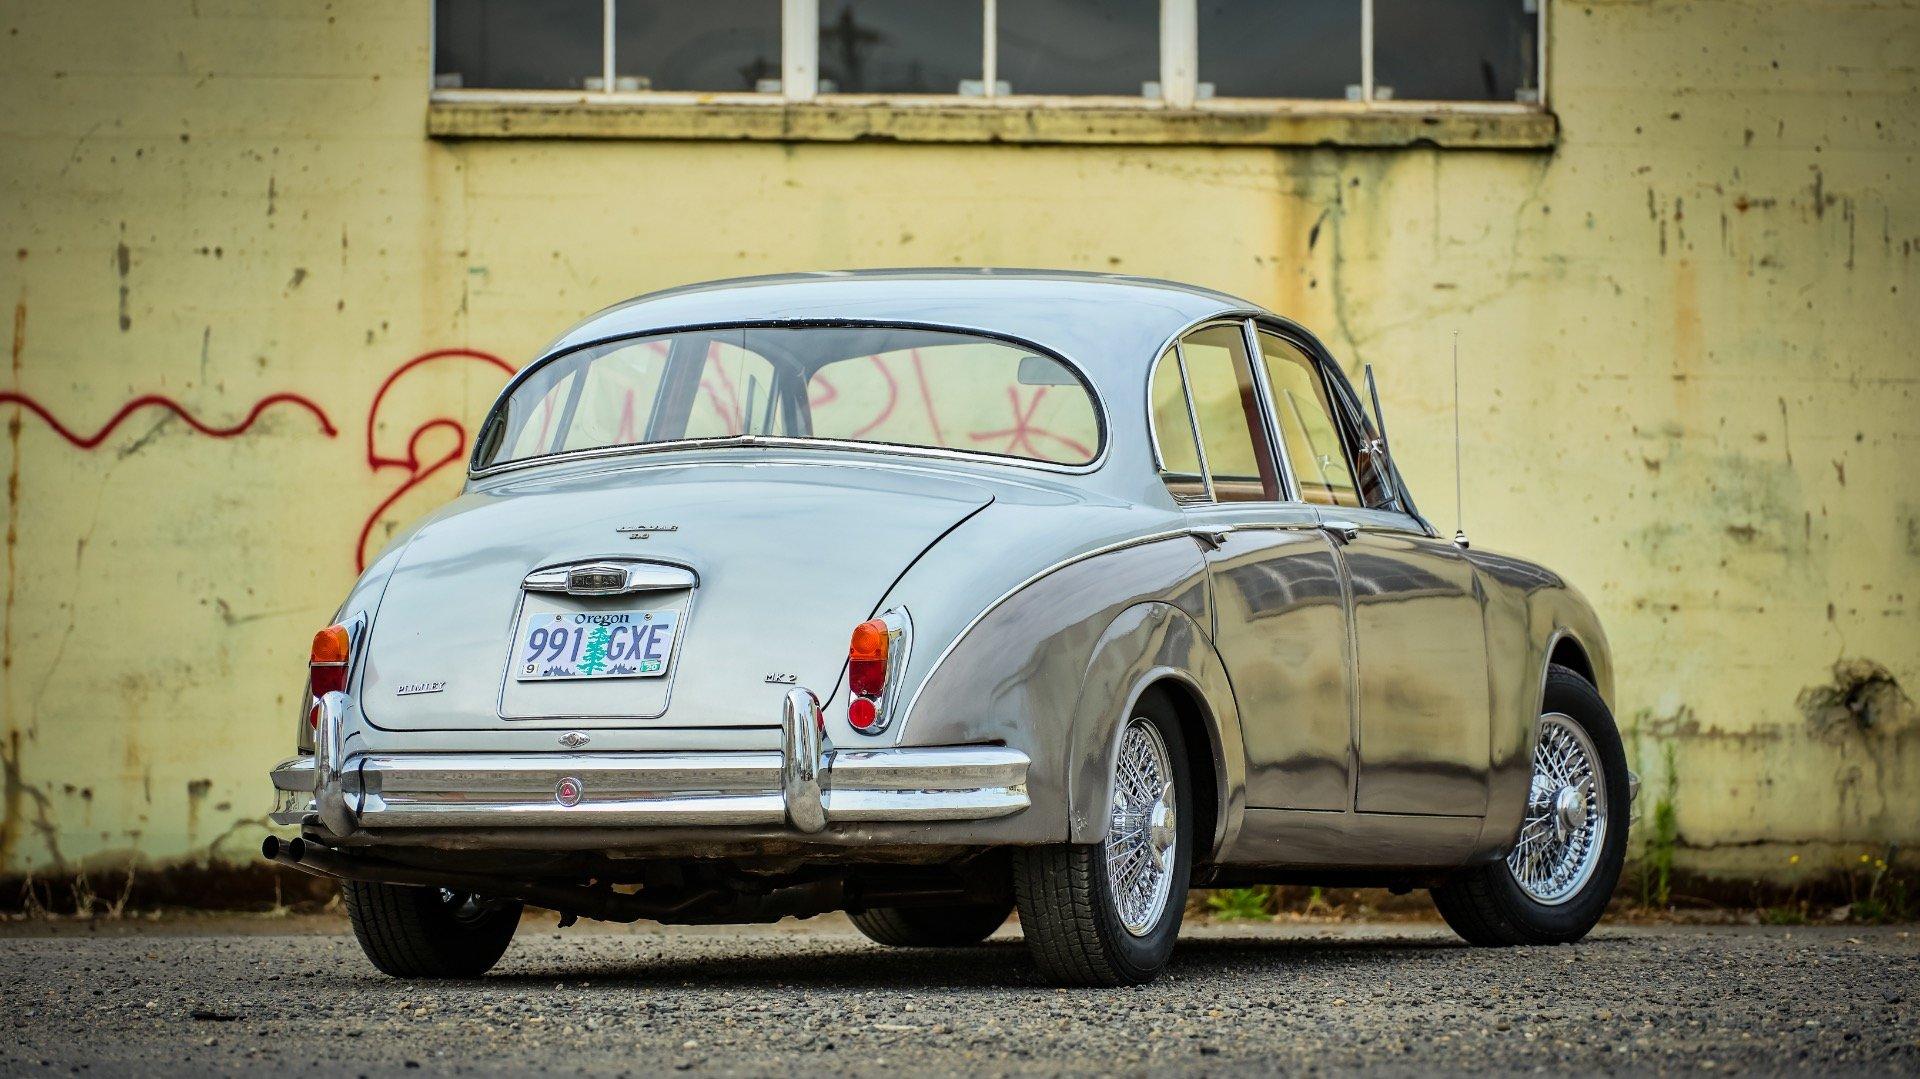 1964 Jaguar Mk II 3.8 Liter = LHD Manual Correct Grey $14k For Sale (picture 2 of 6)